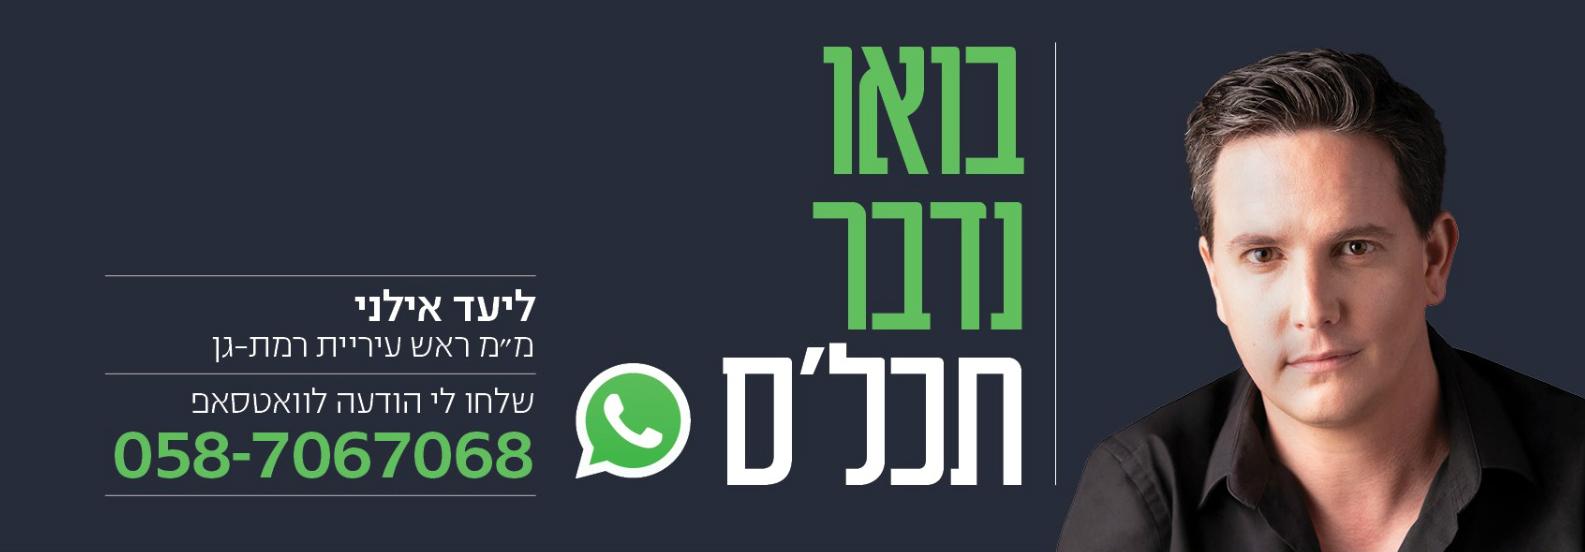 ליעד אילני לראשות עיריית רמת-גן